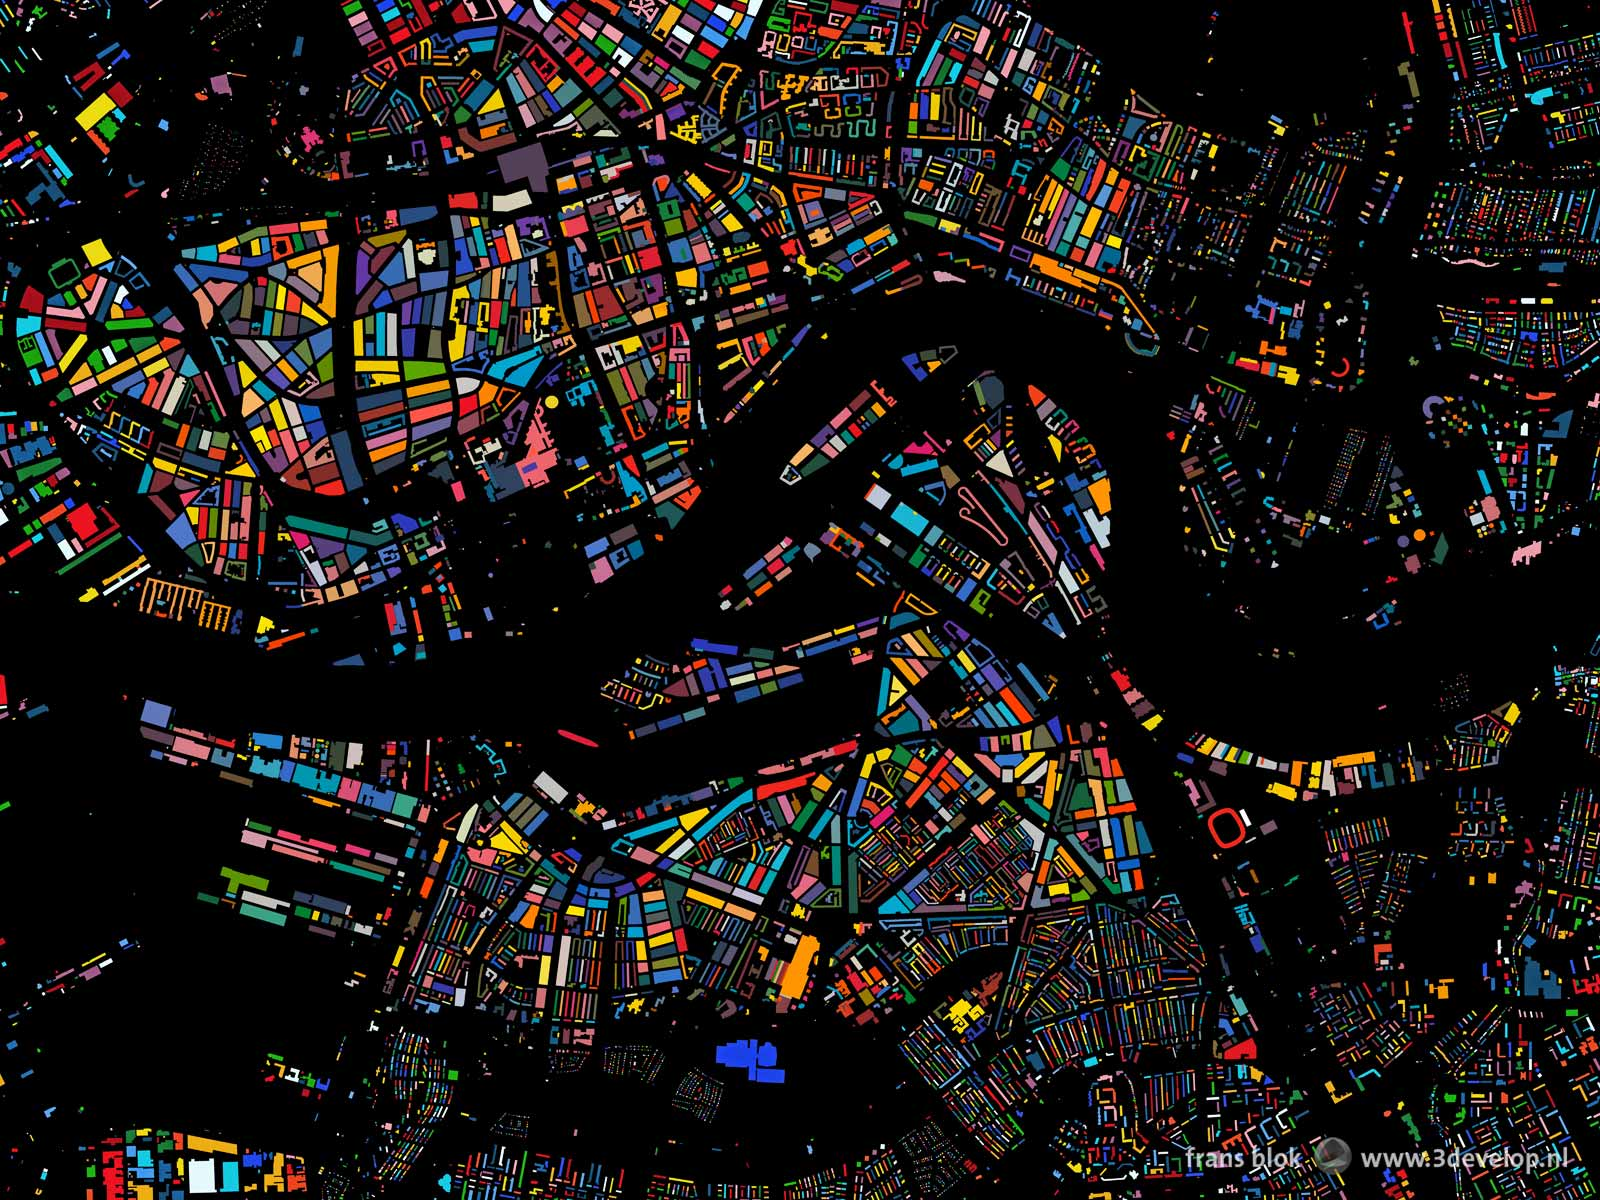 De kleurenkaart van Rotterdam, een plattegrond van het centrum en wijde omgeving met alle bouwblokken uitgevoerd in een willekeurige kleur tegen een zwarte achtergrond